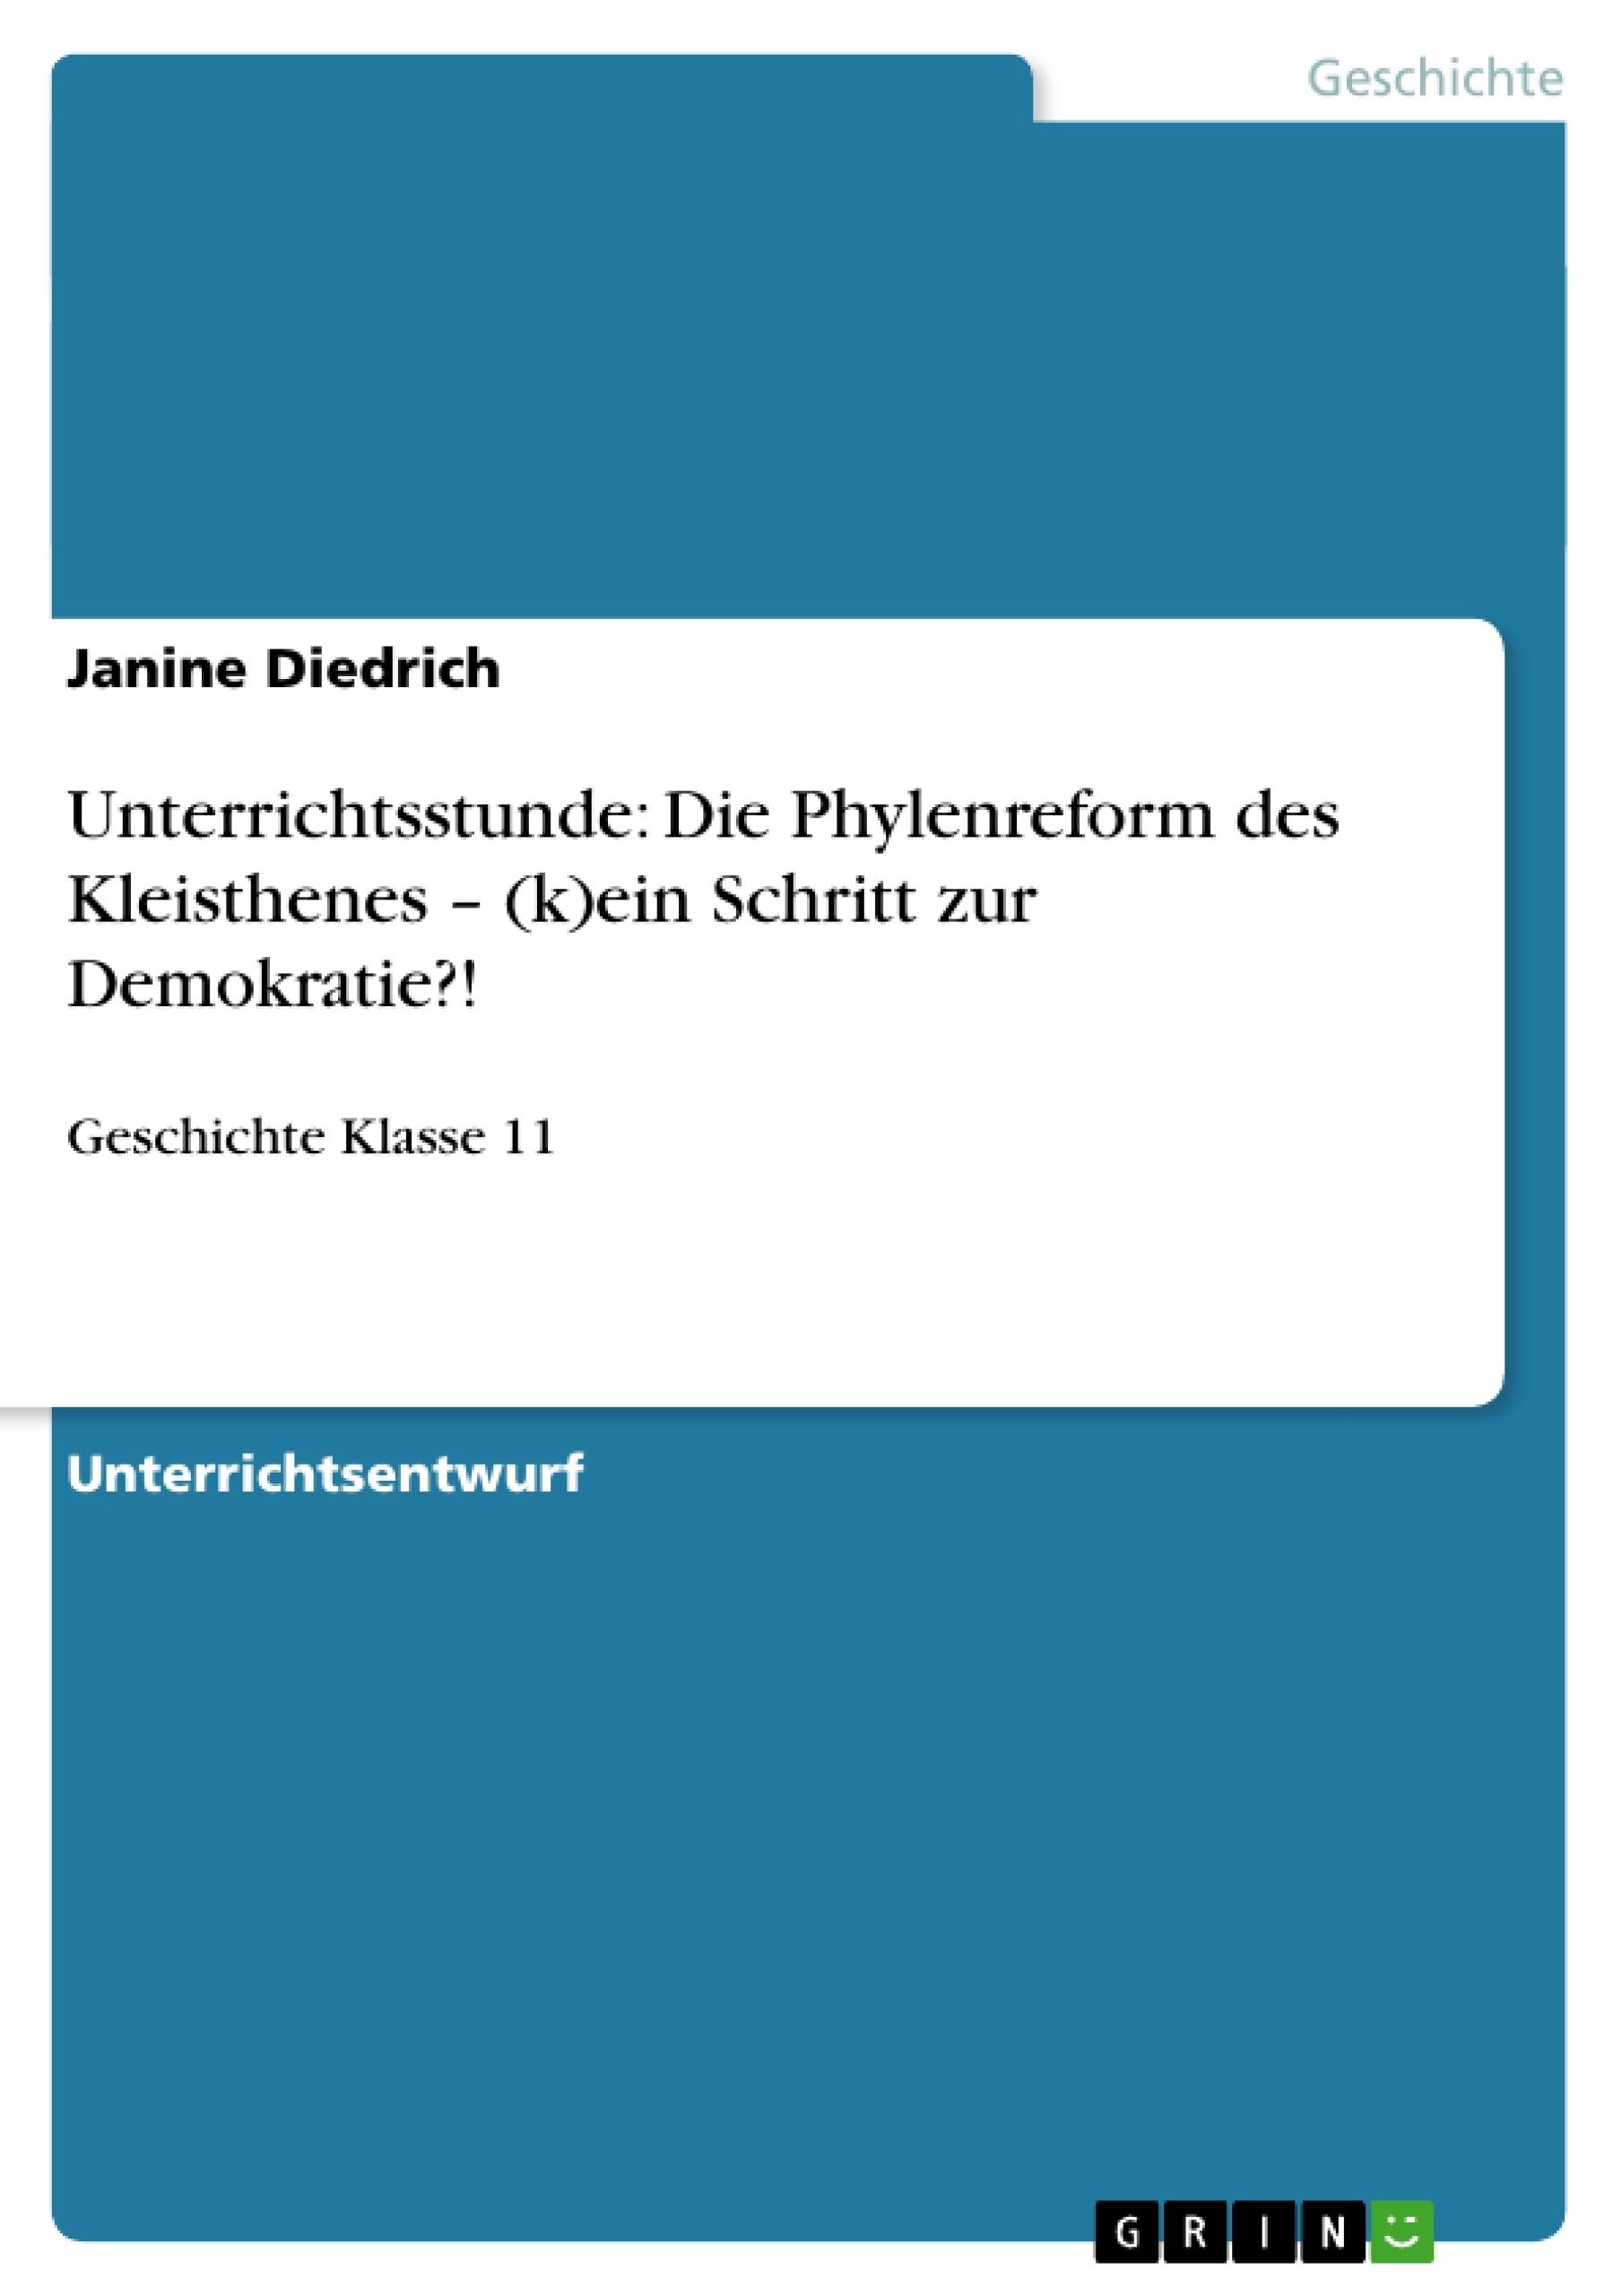 Titel: Unterrichtsstunde: Die Phylenreform des Kleisthenes – (k)ein Schritt zur Demokratie?!